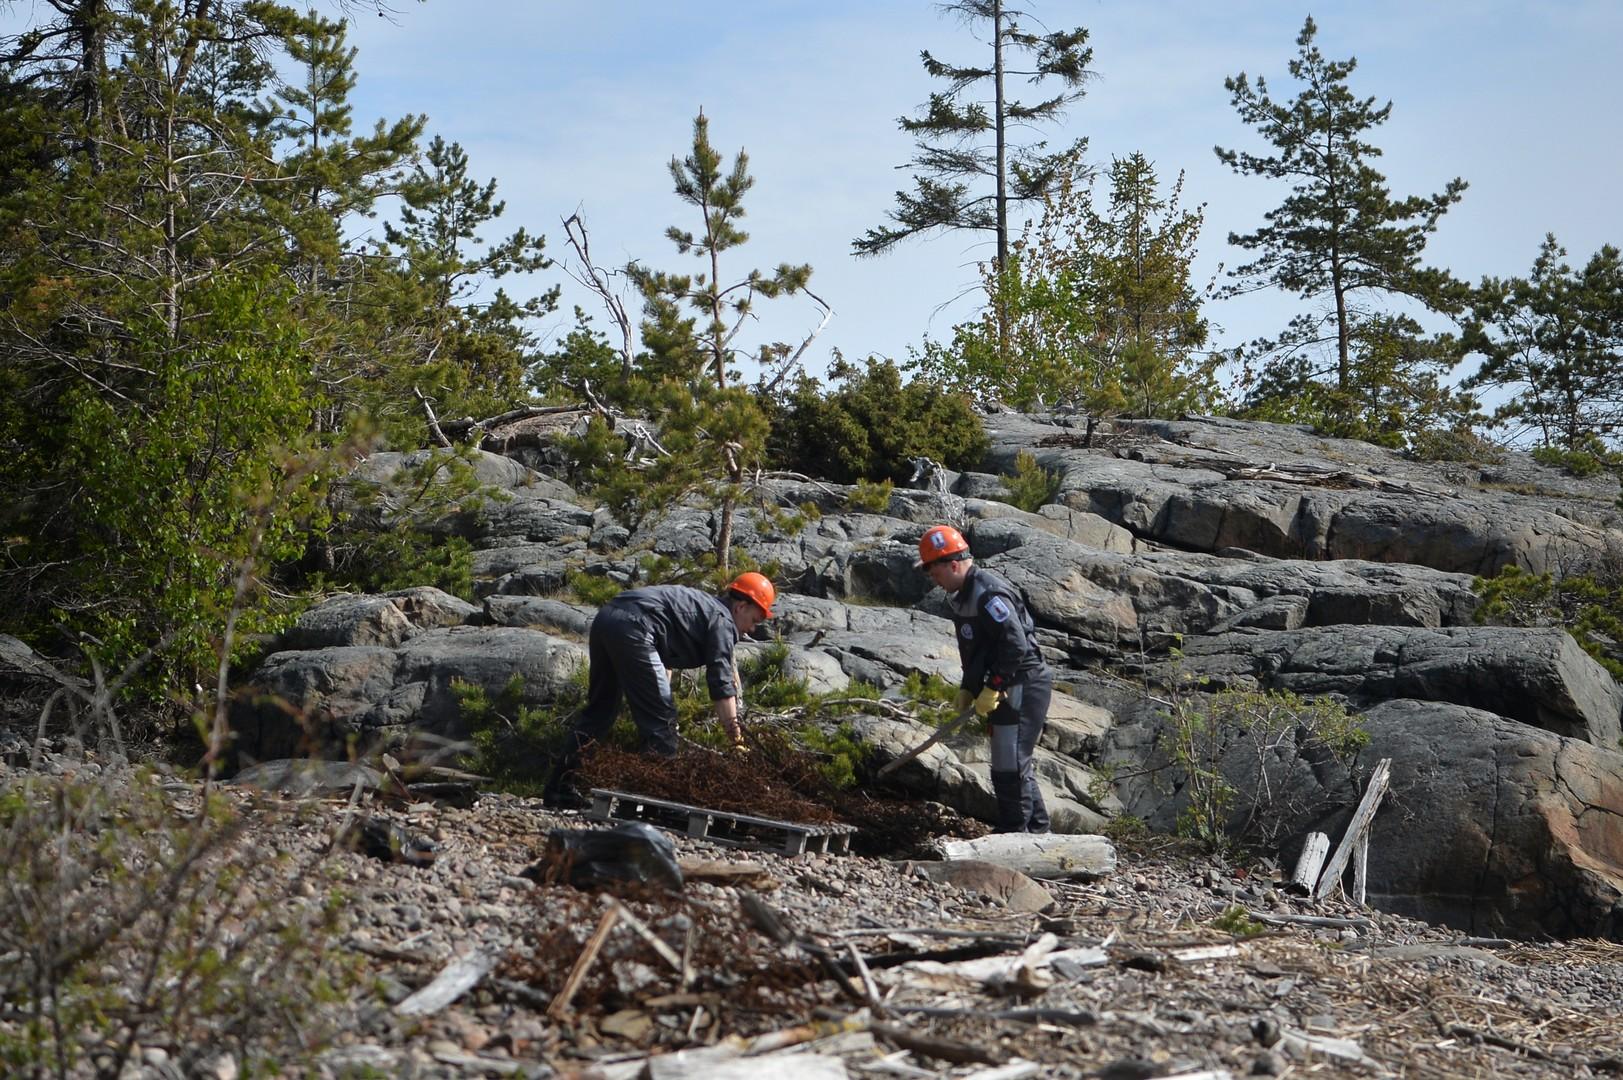 Участники экологической вахты ведут работы по очистке побережья от мусора во время комплексной экспедиции Русского географического общества «Гогланд» на острове Гогланд в Финском заливе